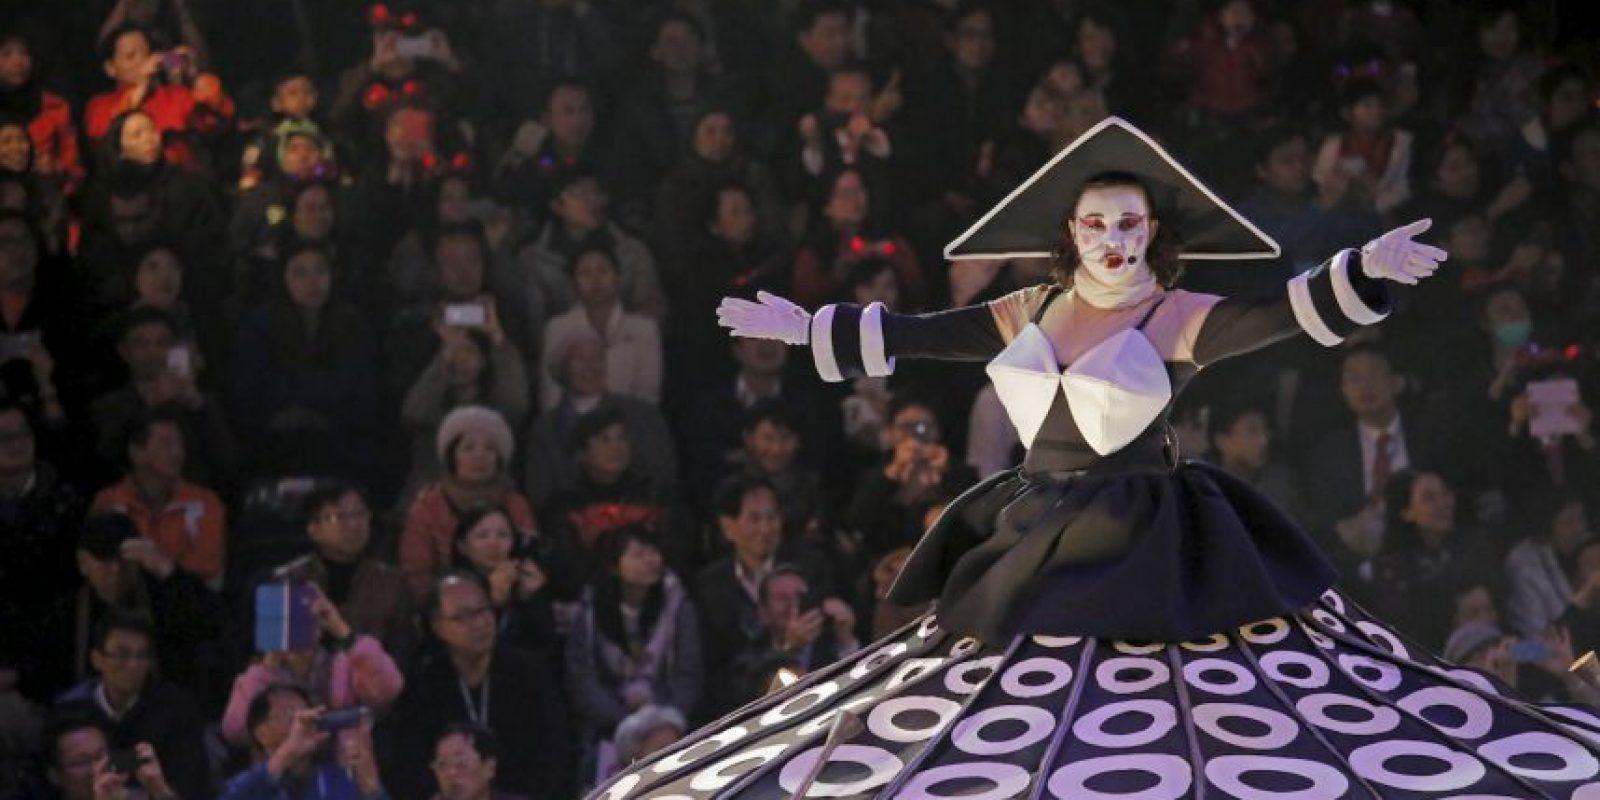 Los bailarines son una de las principales atracciones durante los festejos. Foto:AP